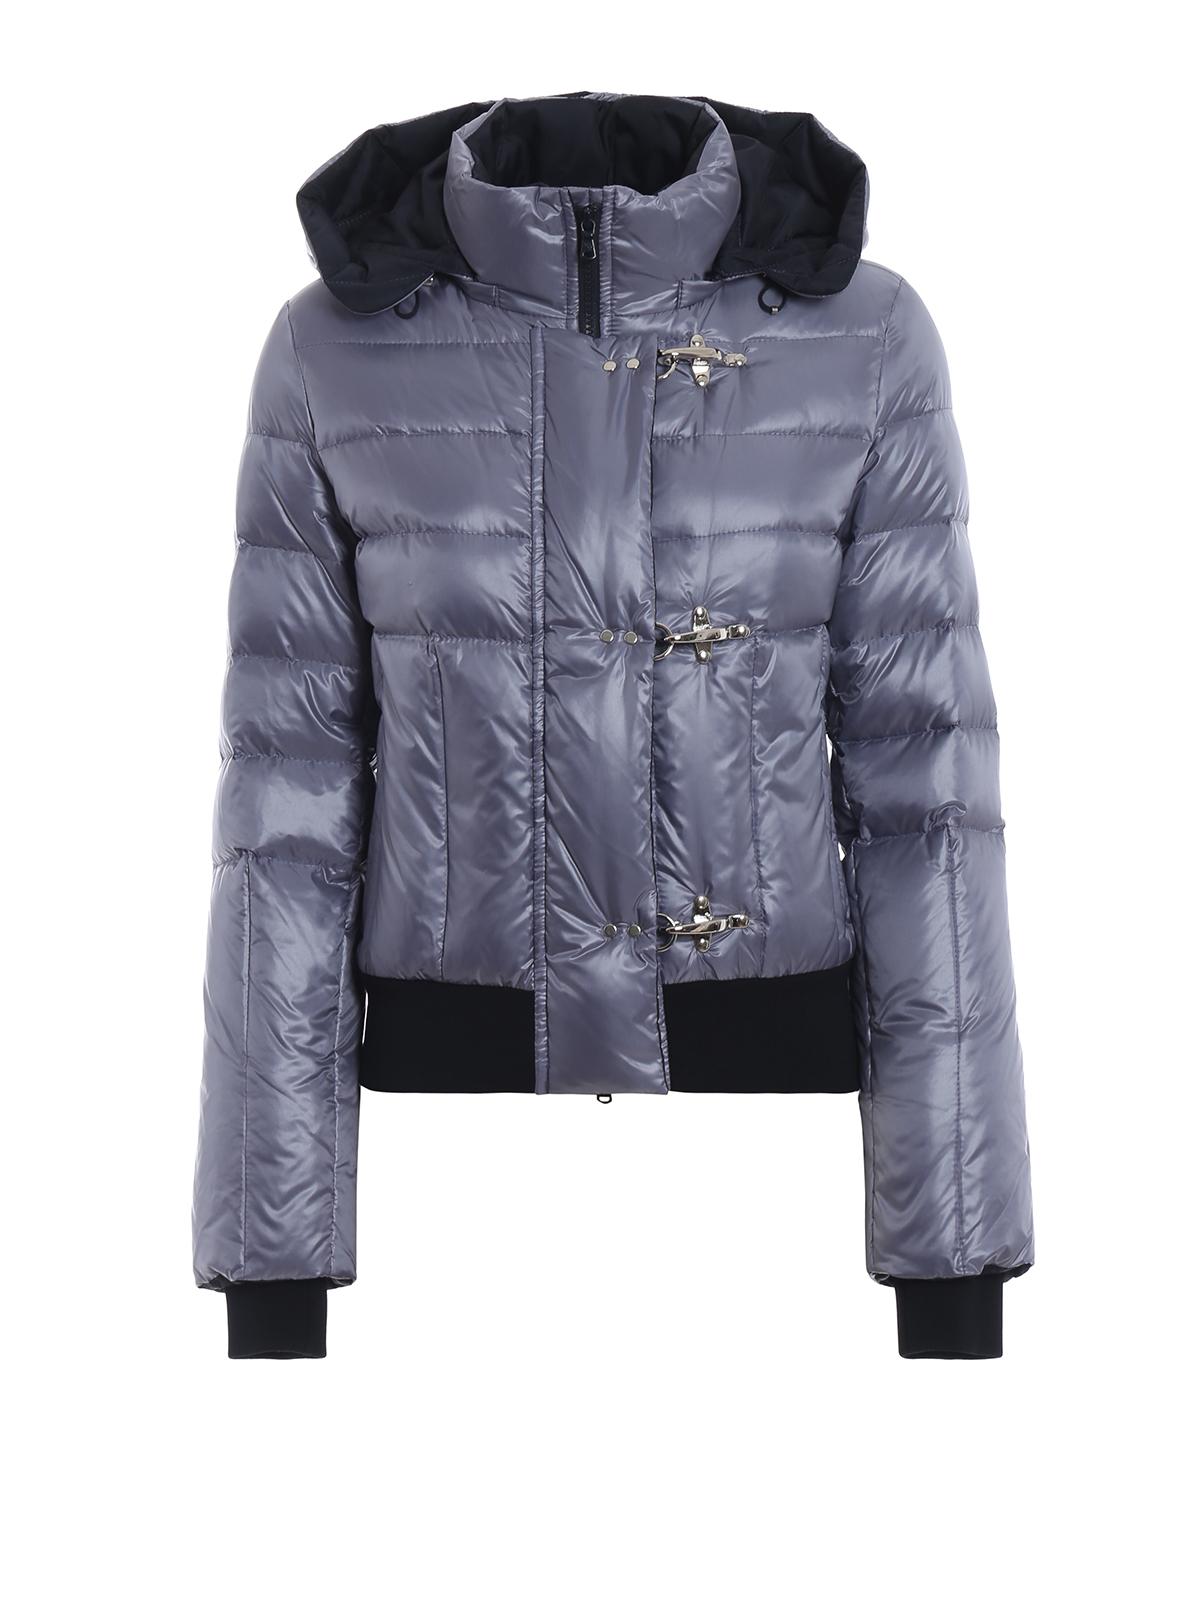 best loved cd619 9f951 Fay - Piumino corto in nylon azzurro metallizzato - giacche ...